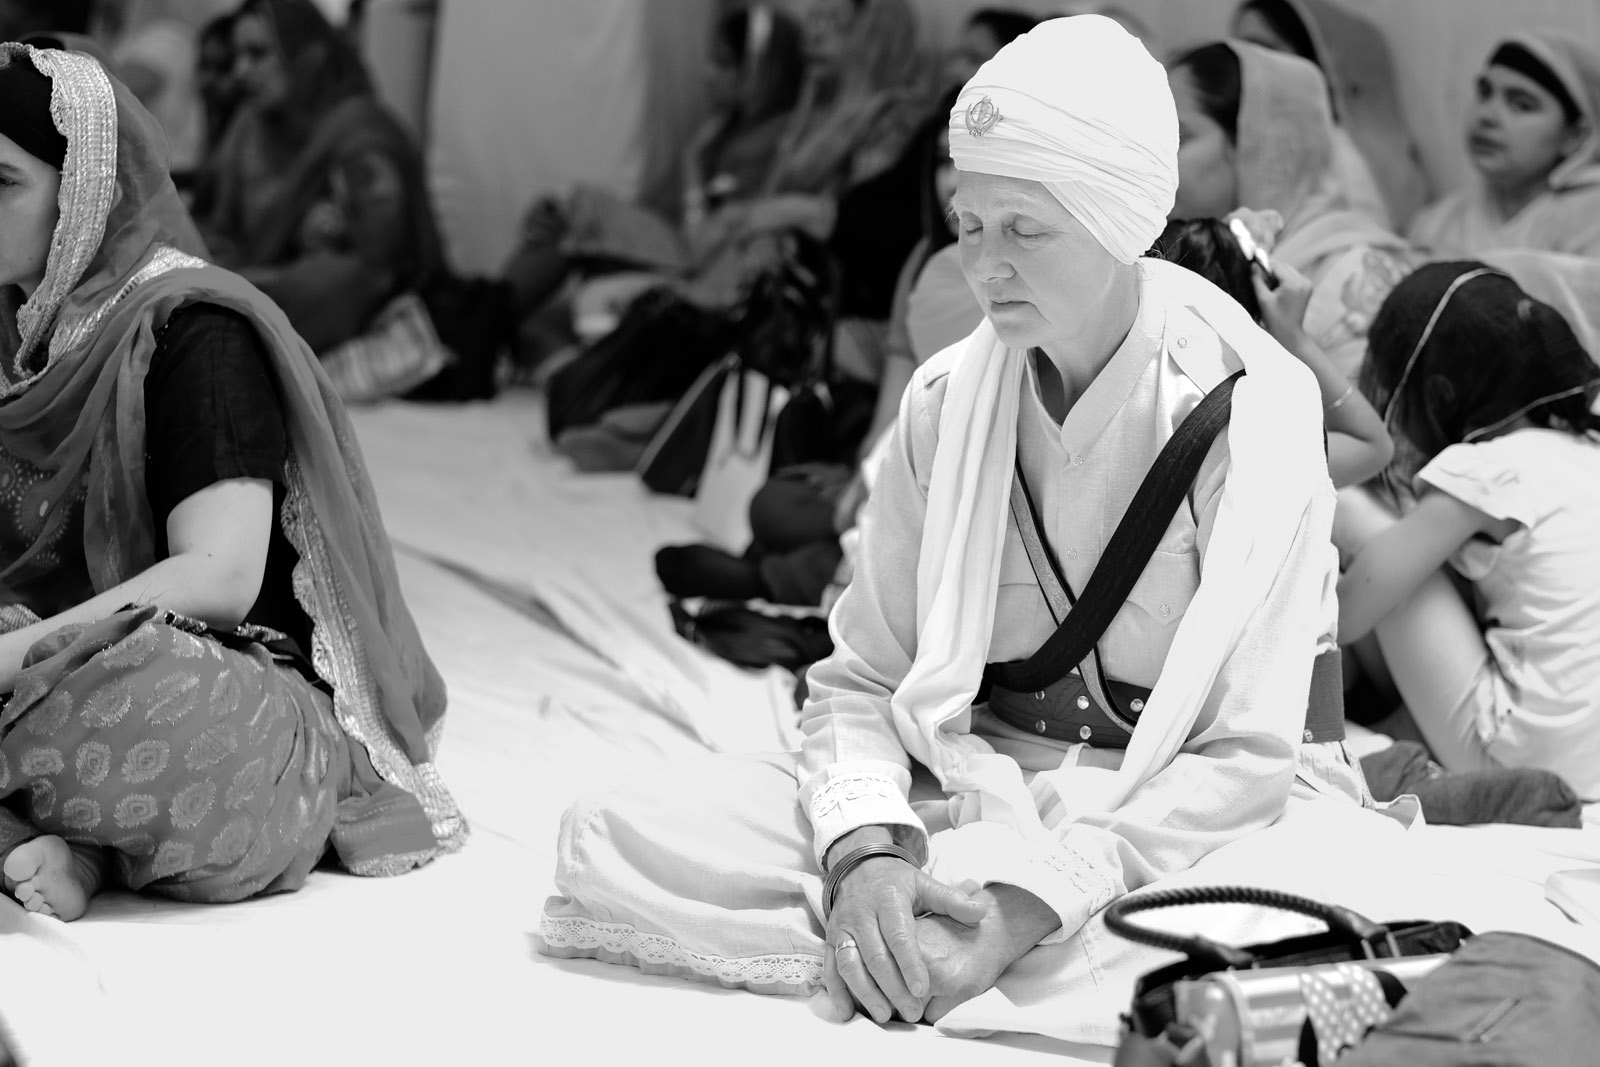 07_Sikh